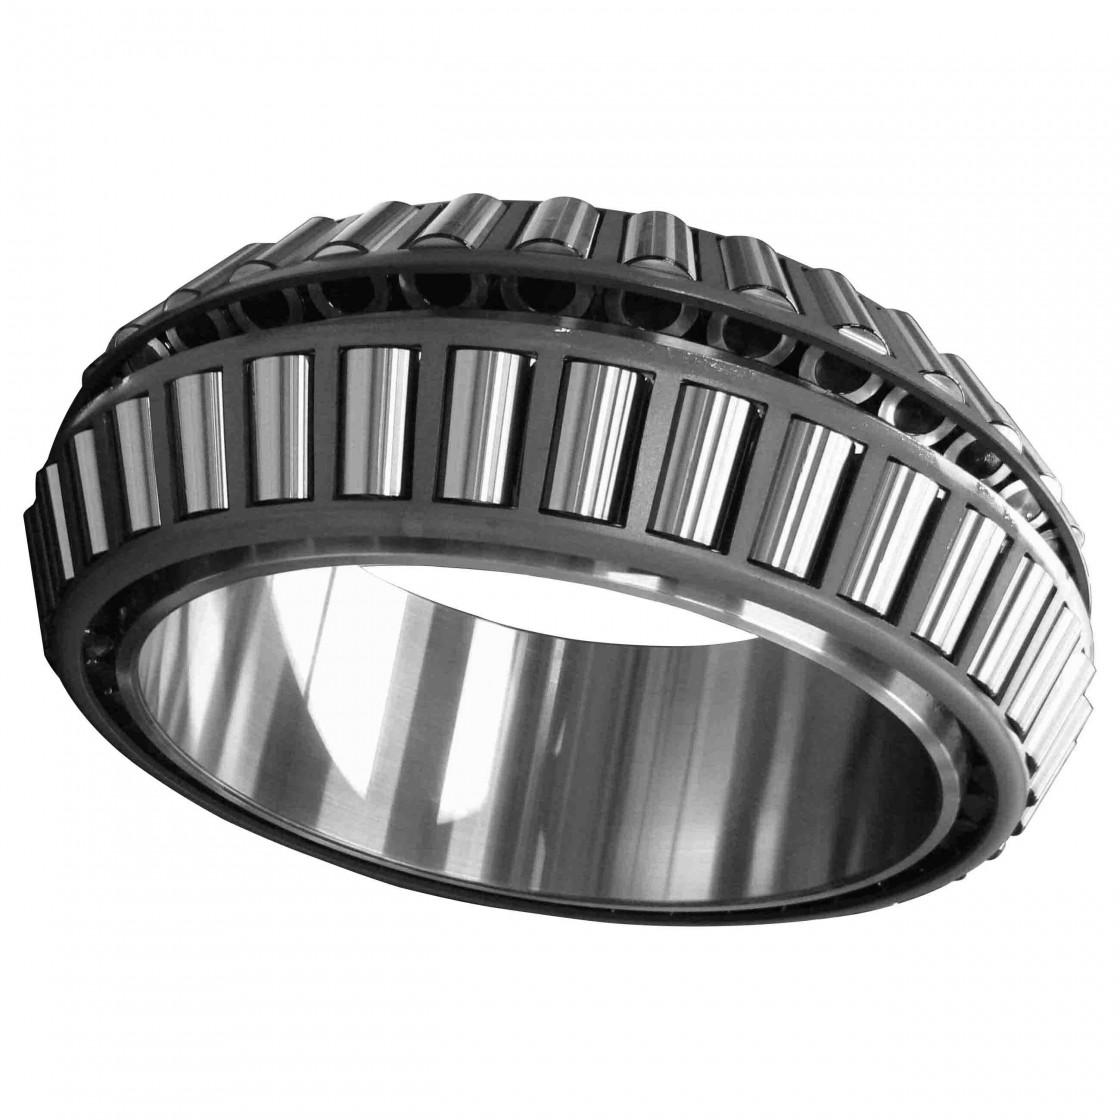 Fersa 16150/16284 tapered roller bearings